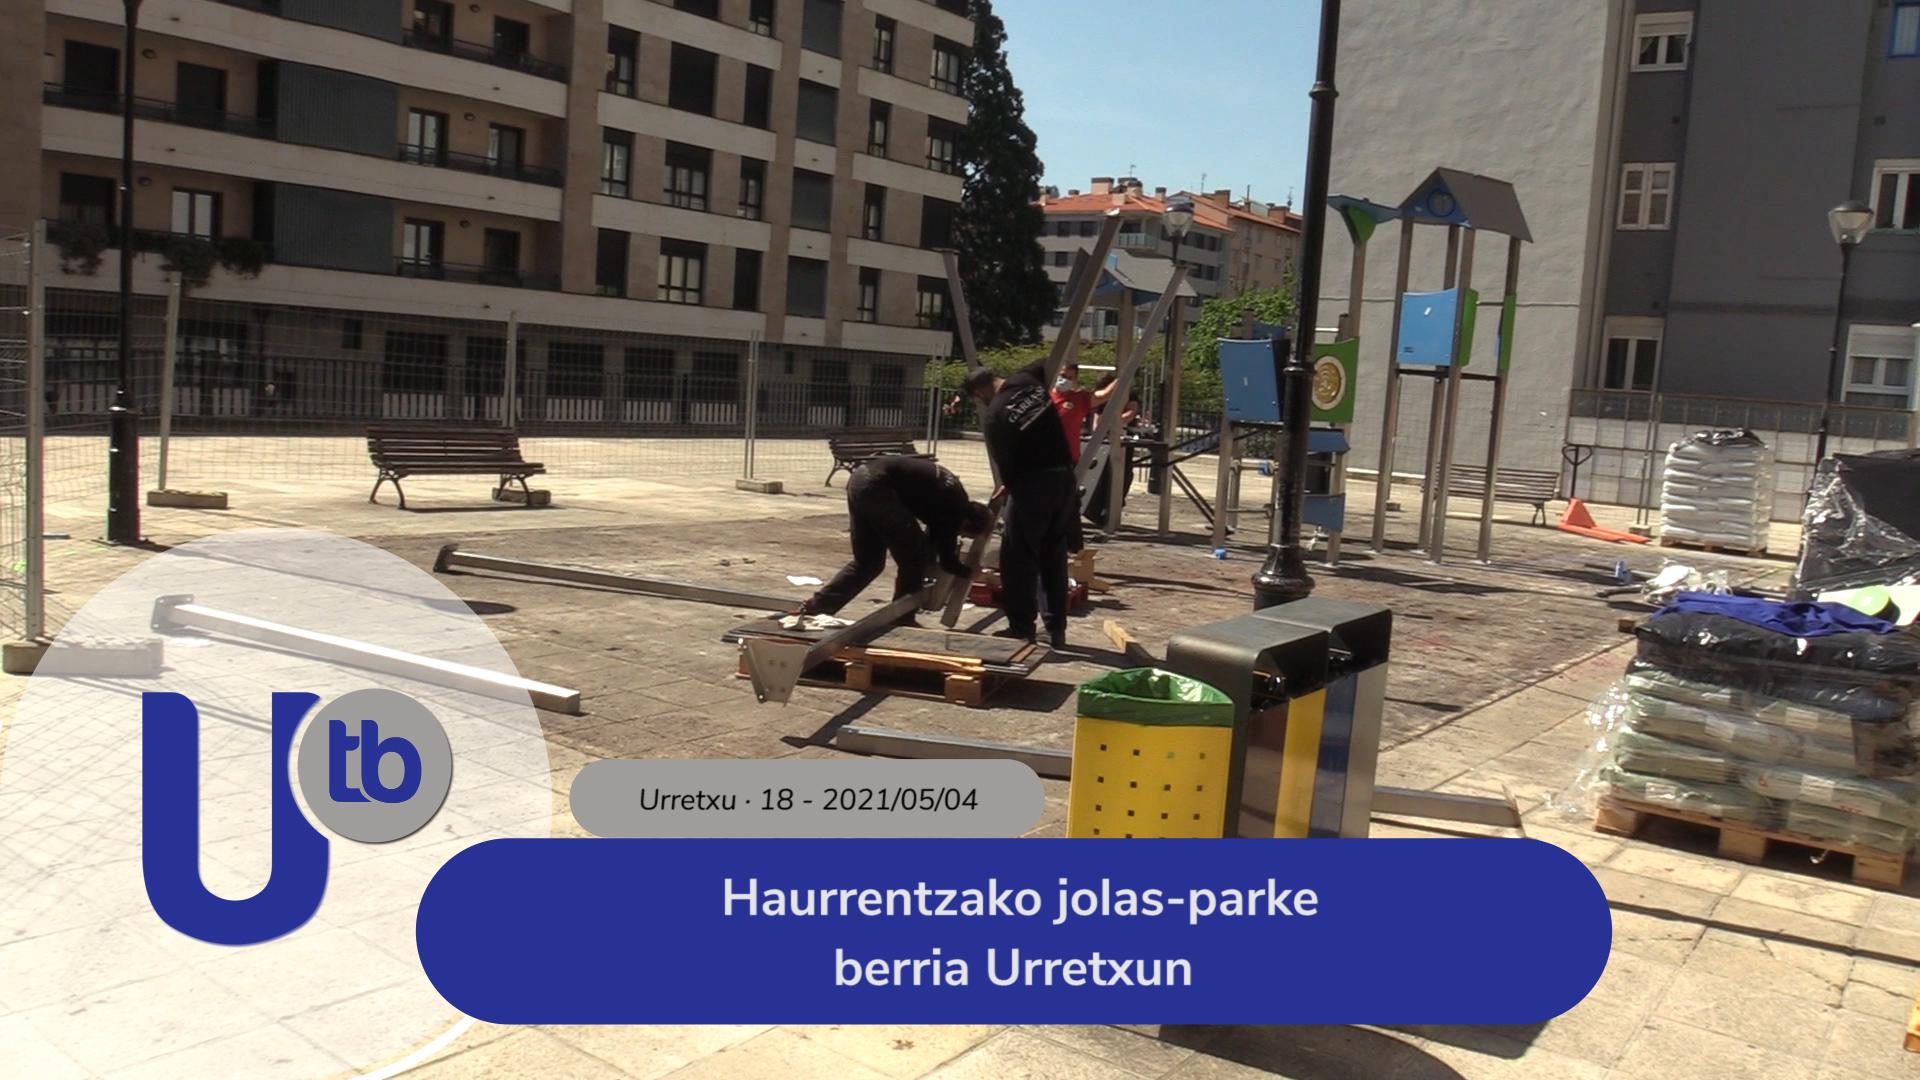 Haurrentzako jolas-parke berria Urretxun / Nuevo parque infantil en Urretxu